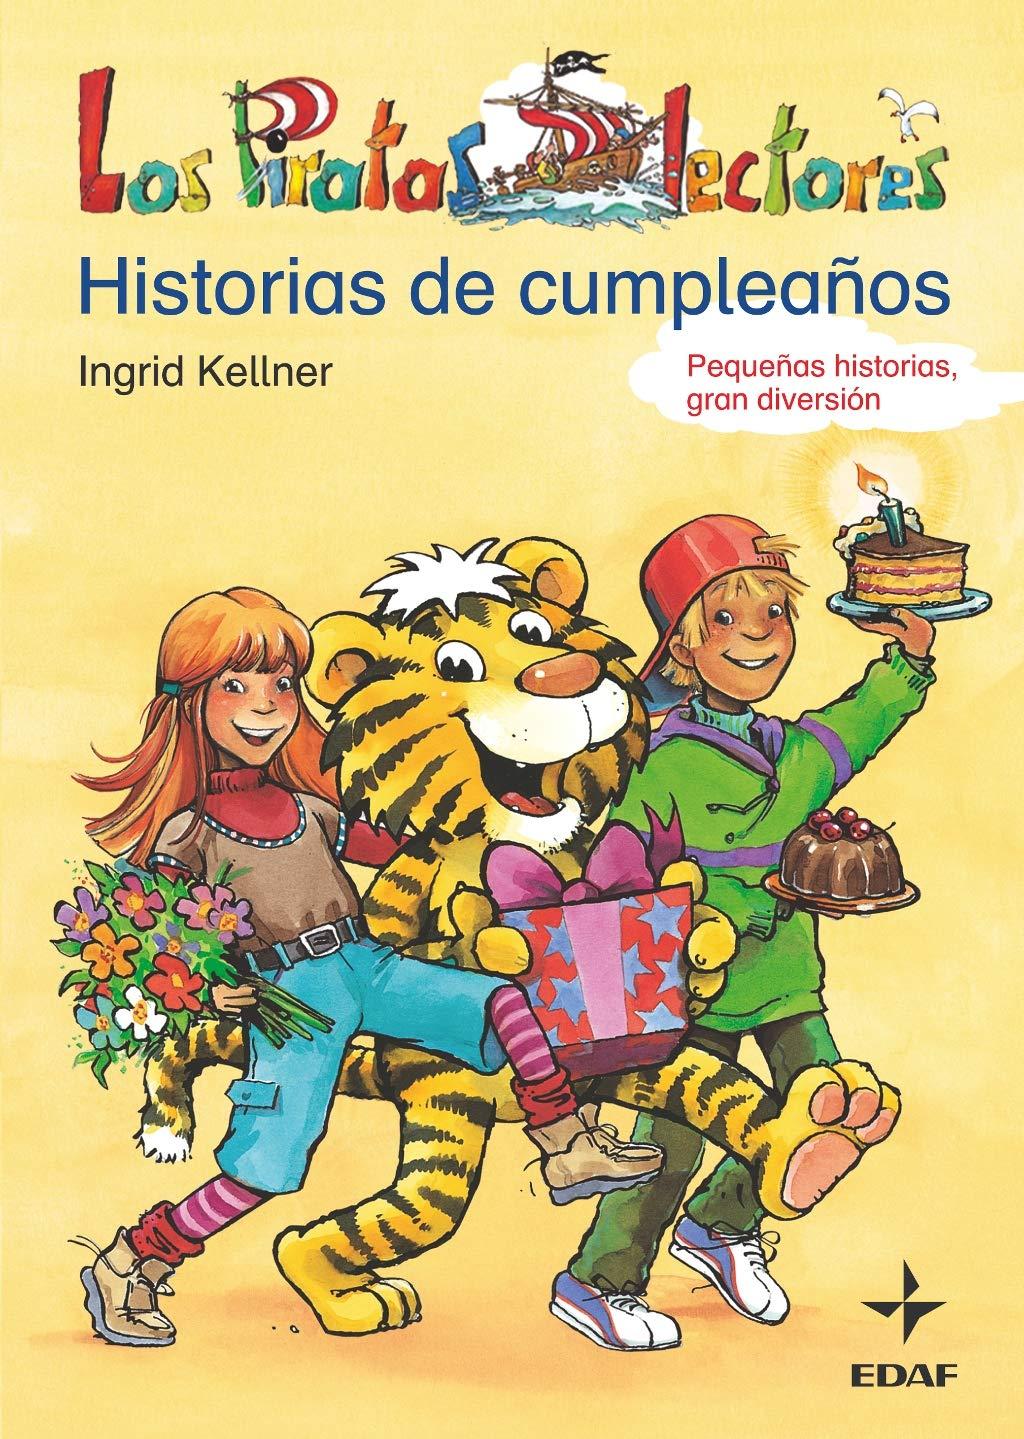 Amazon.com: Historia de cumpleanos (Spanish Edition ...